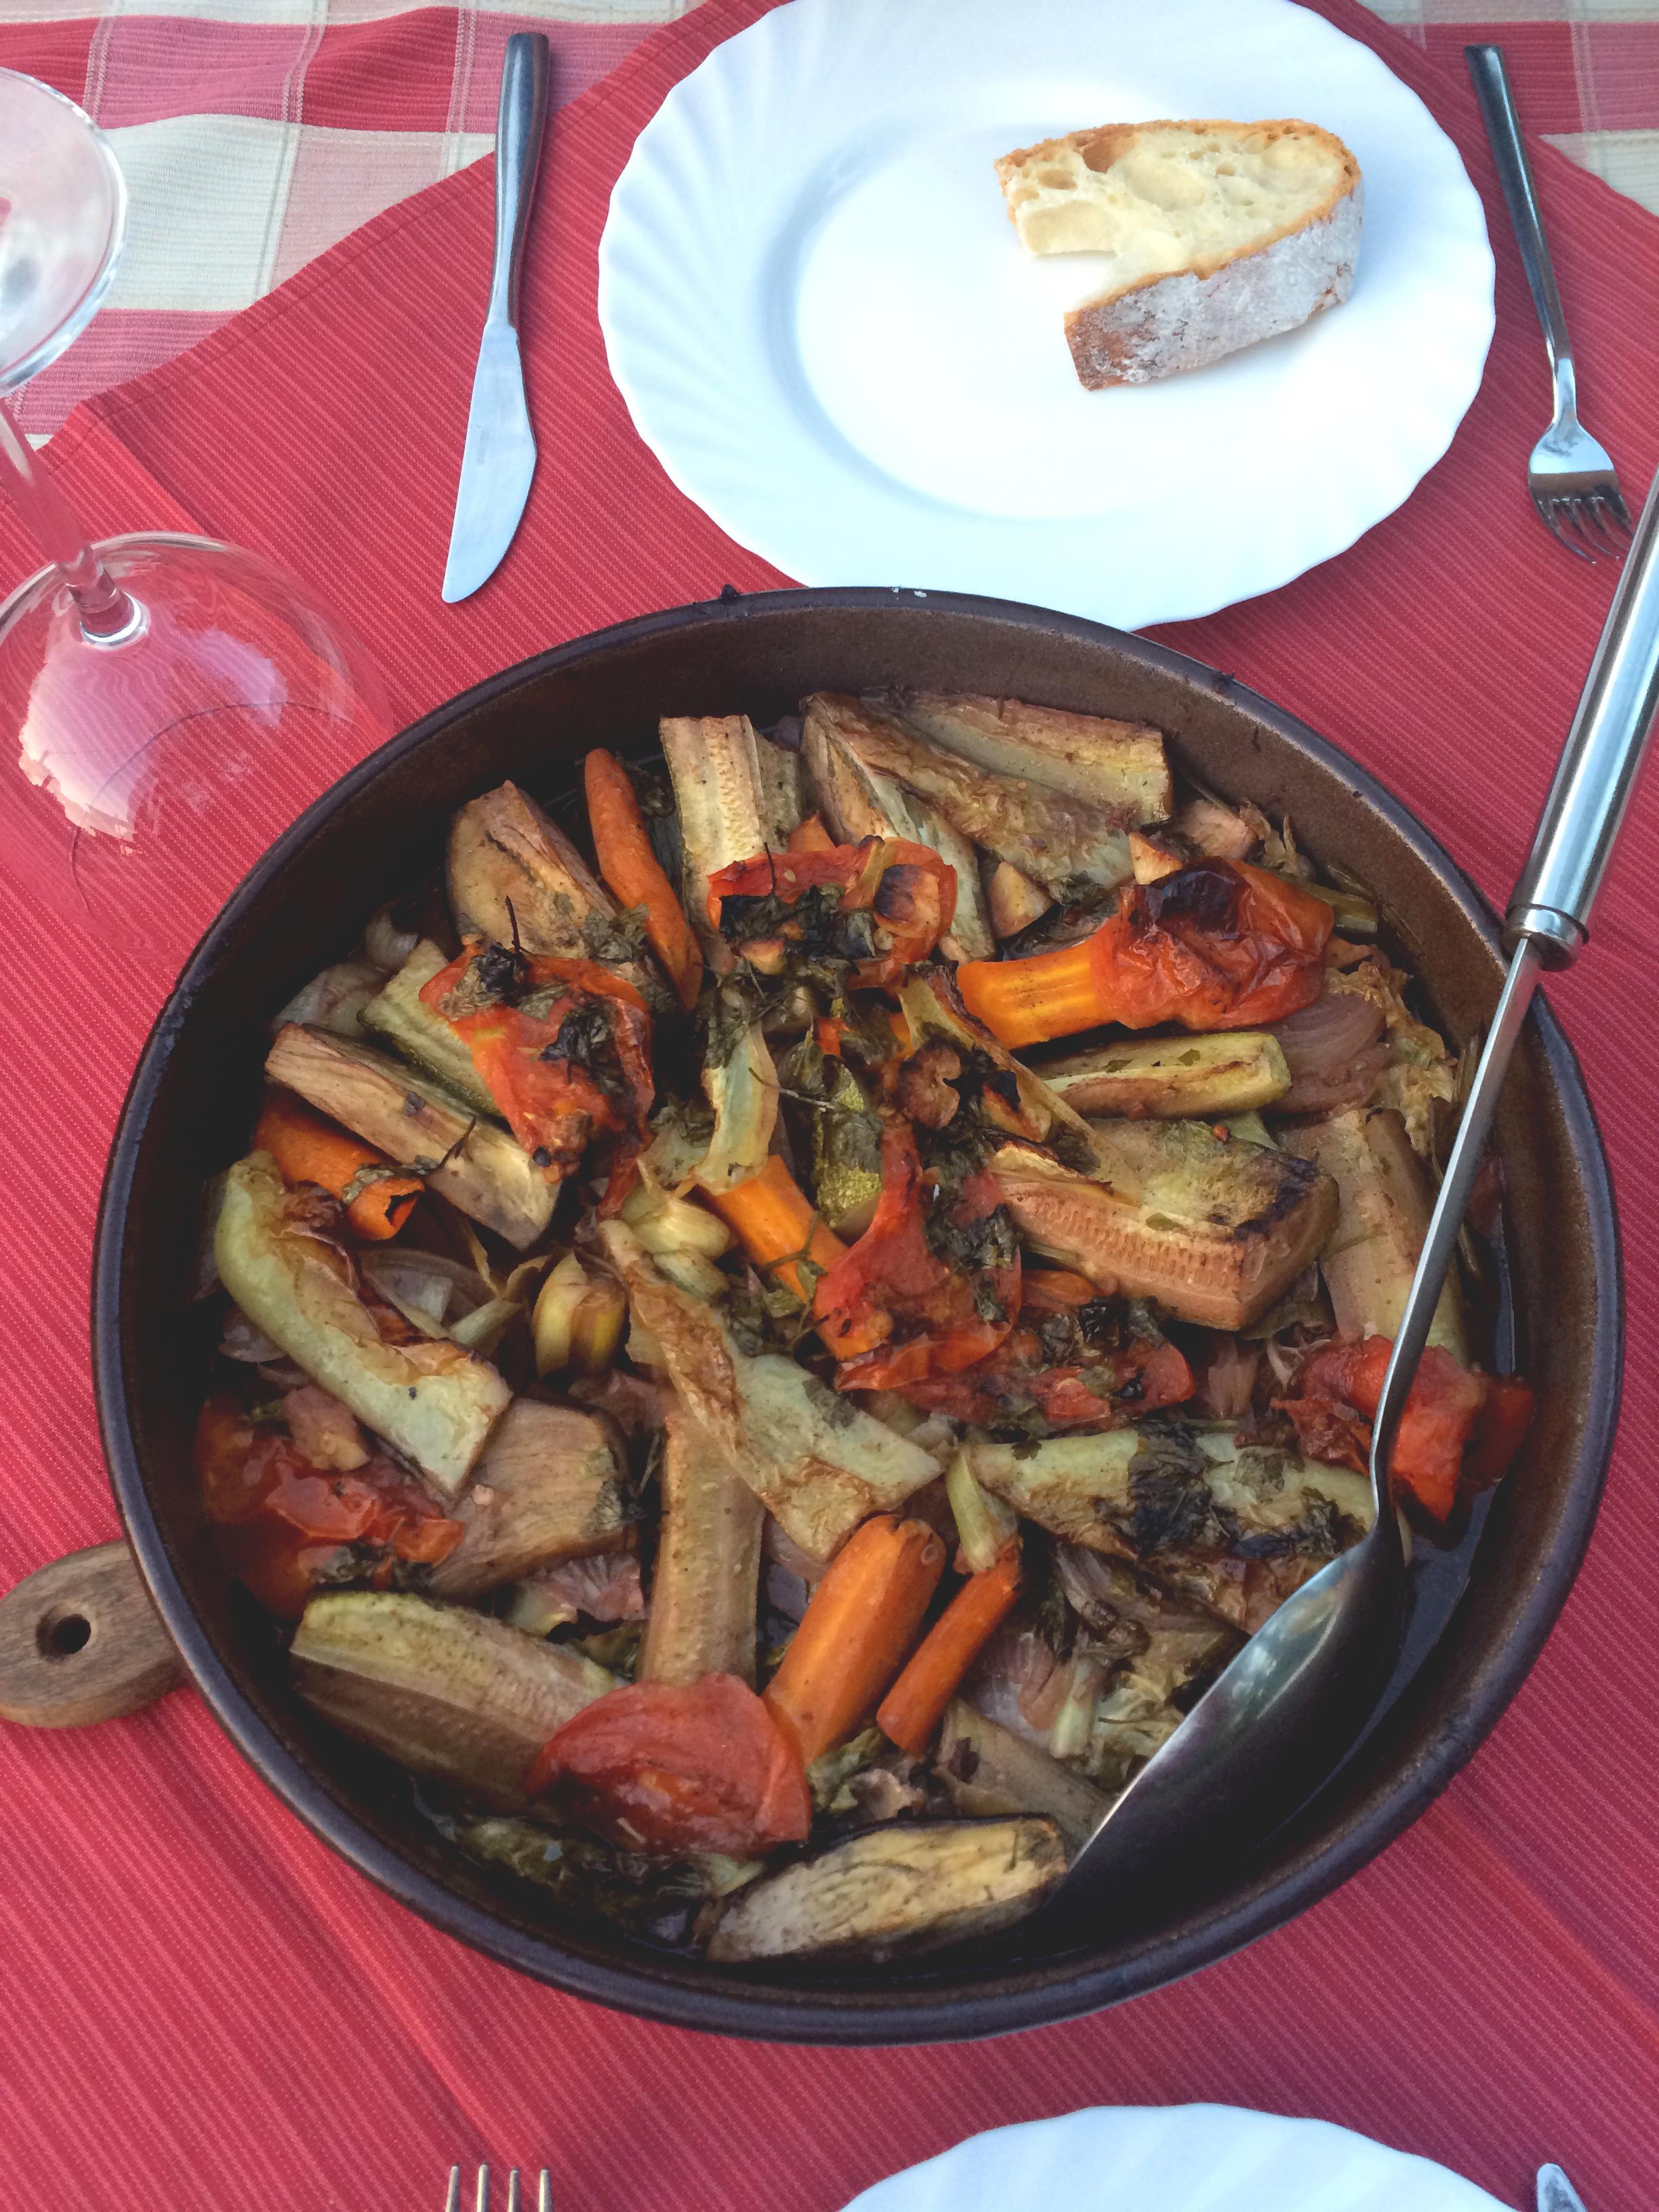 Our vegetarian Peka